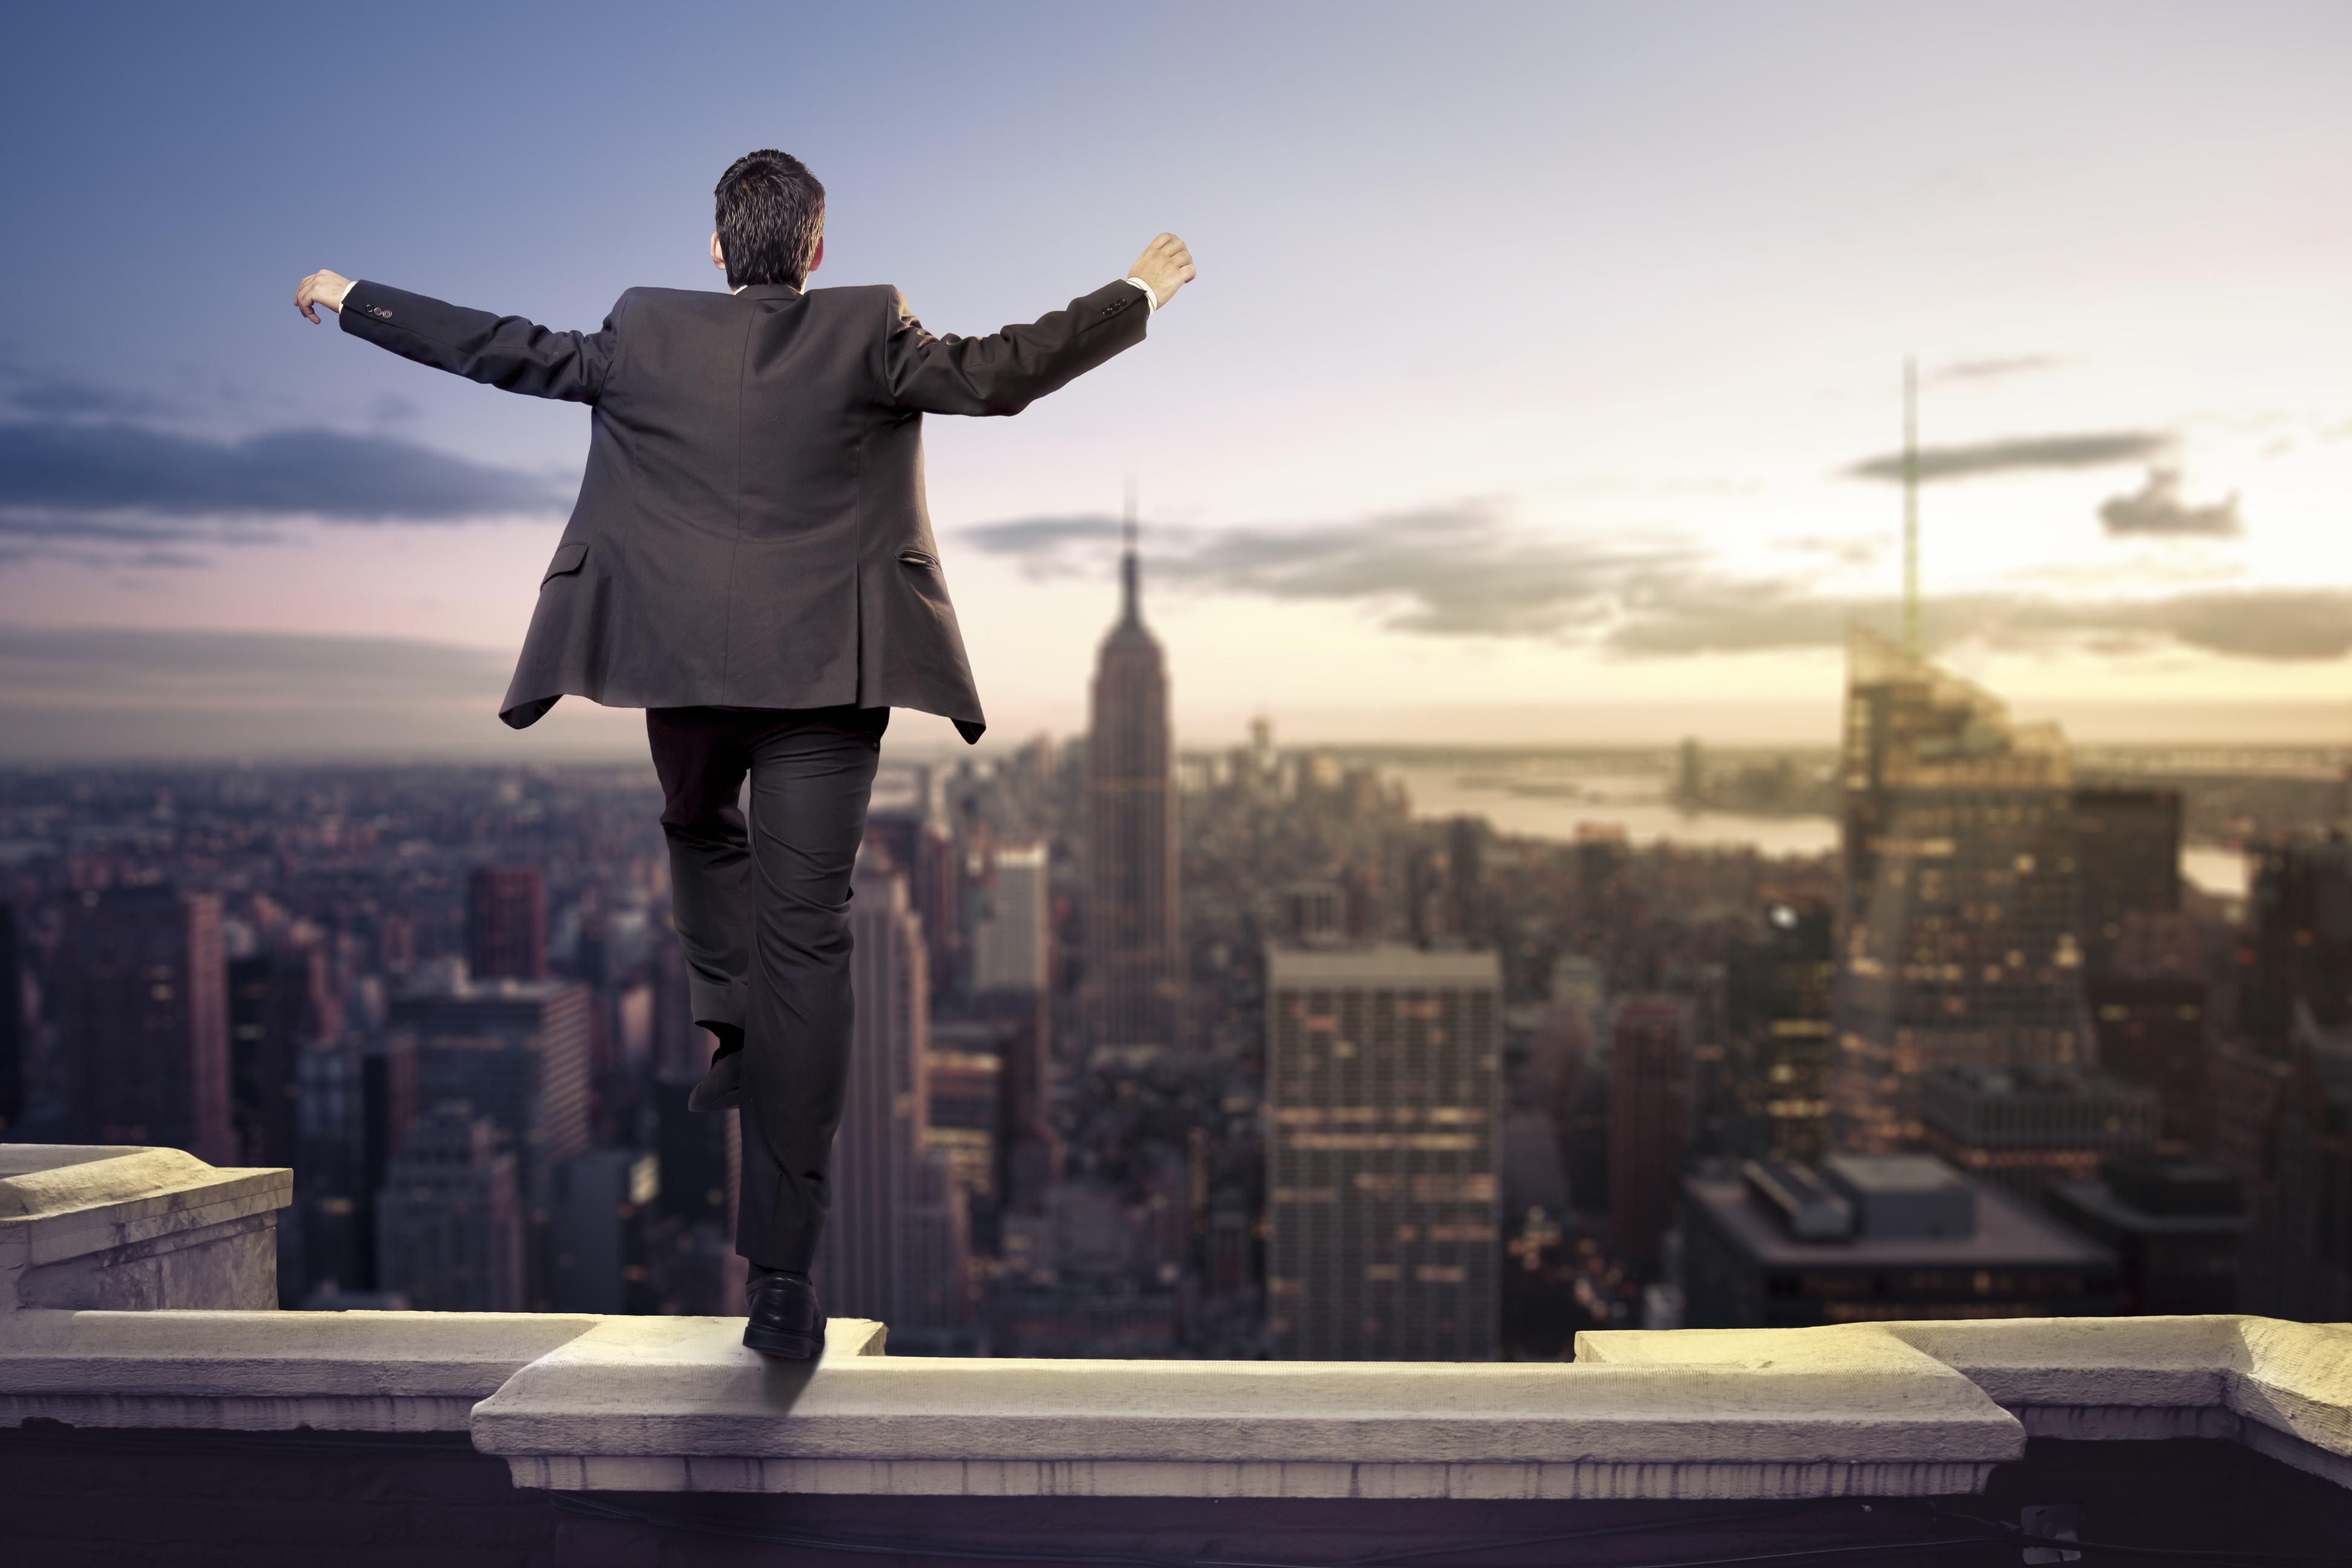 企业管理培训:企业发展过程中会遇到的困境有哪些?